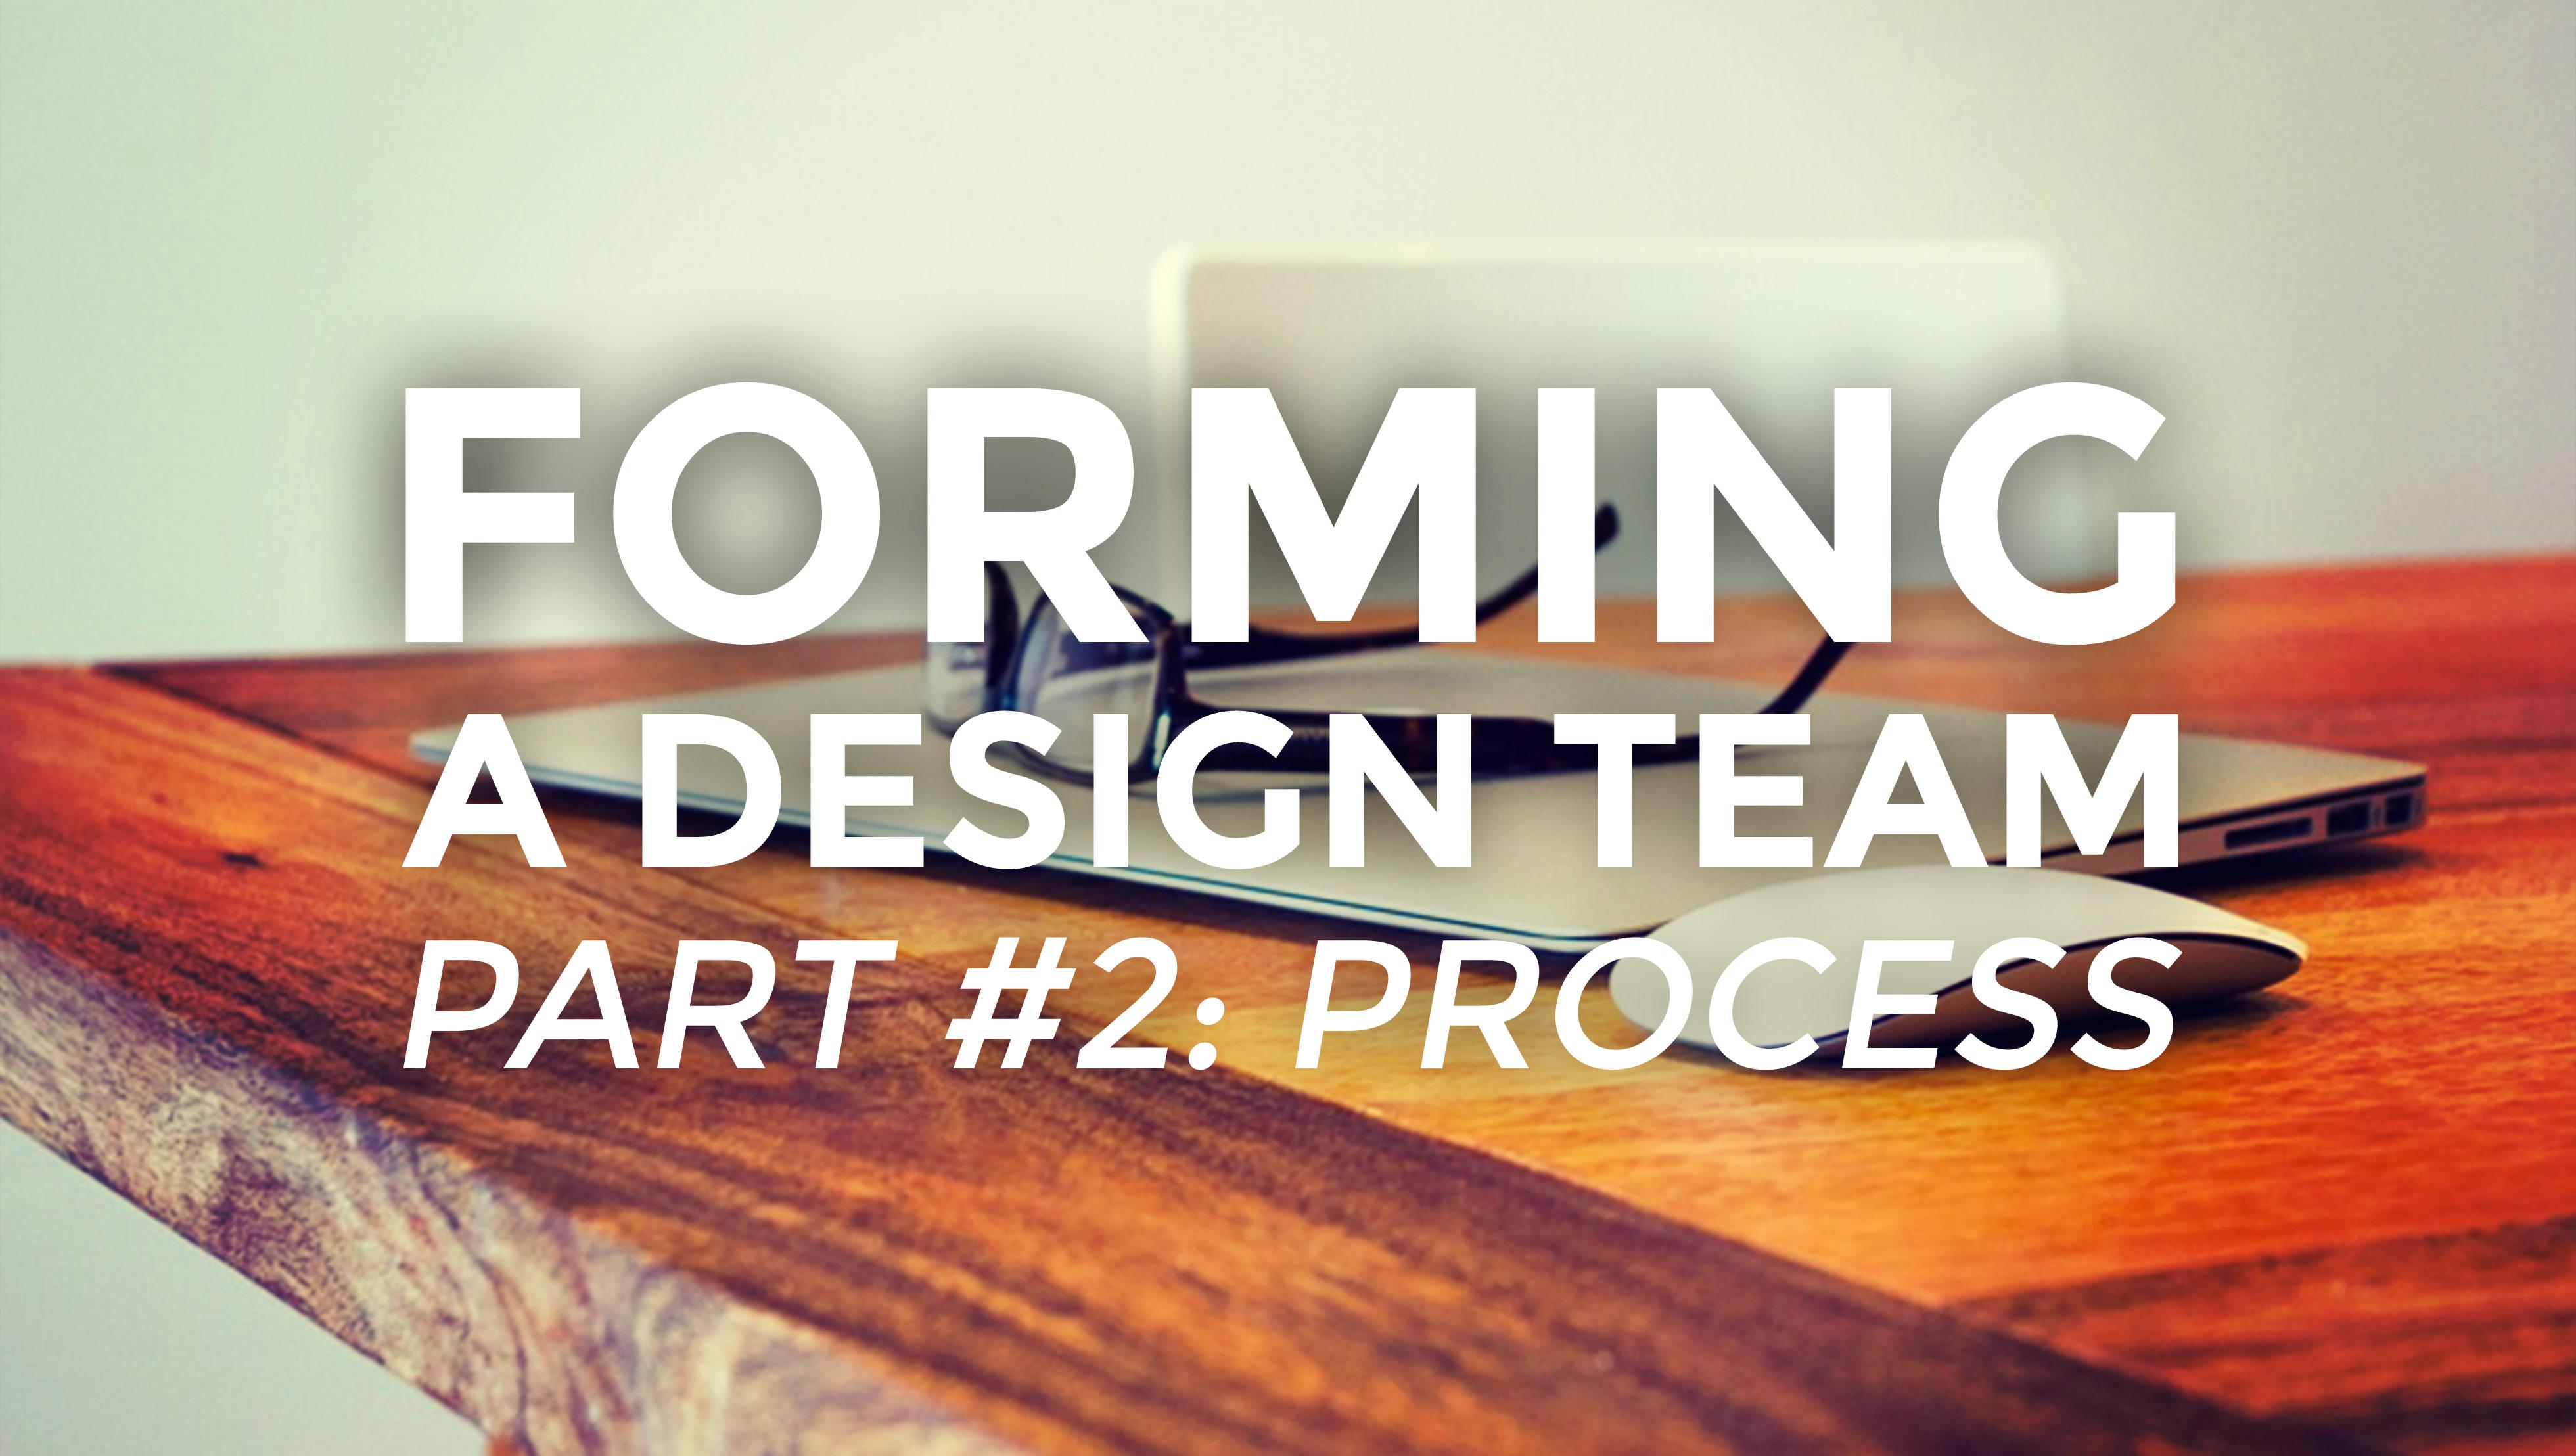 Forming A Design Team, Part II: Process